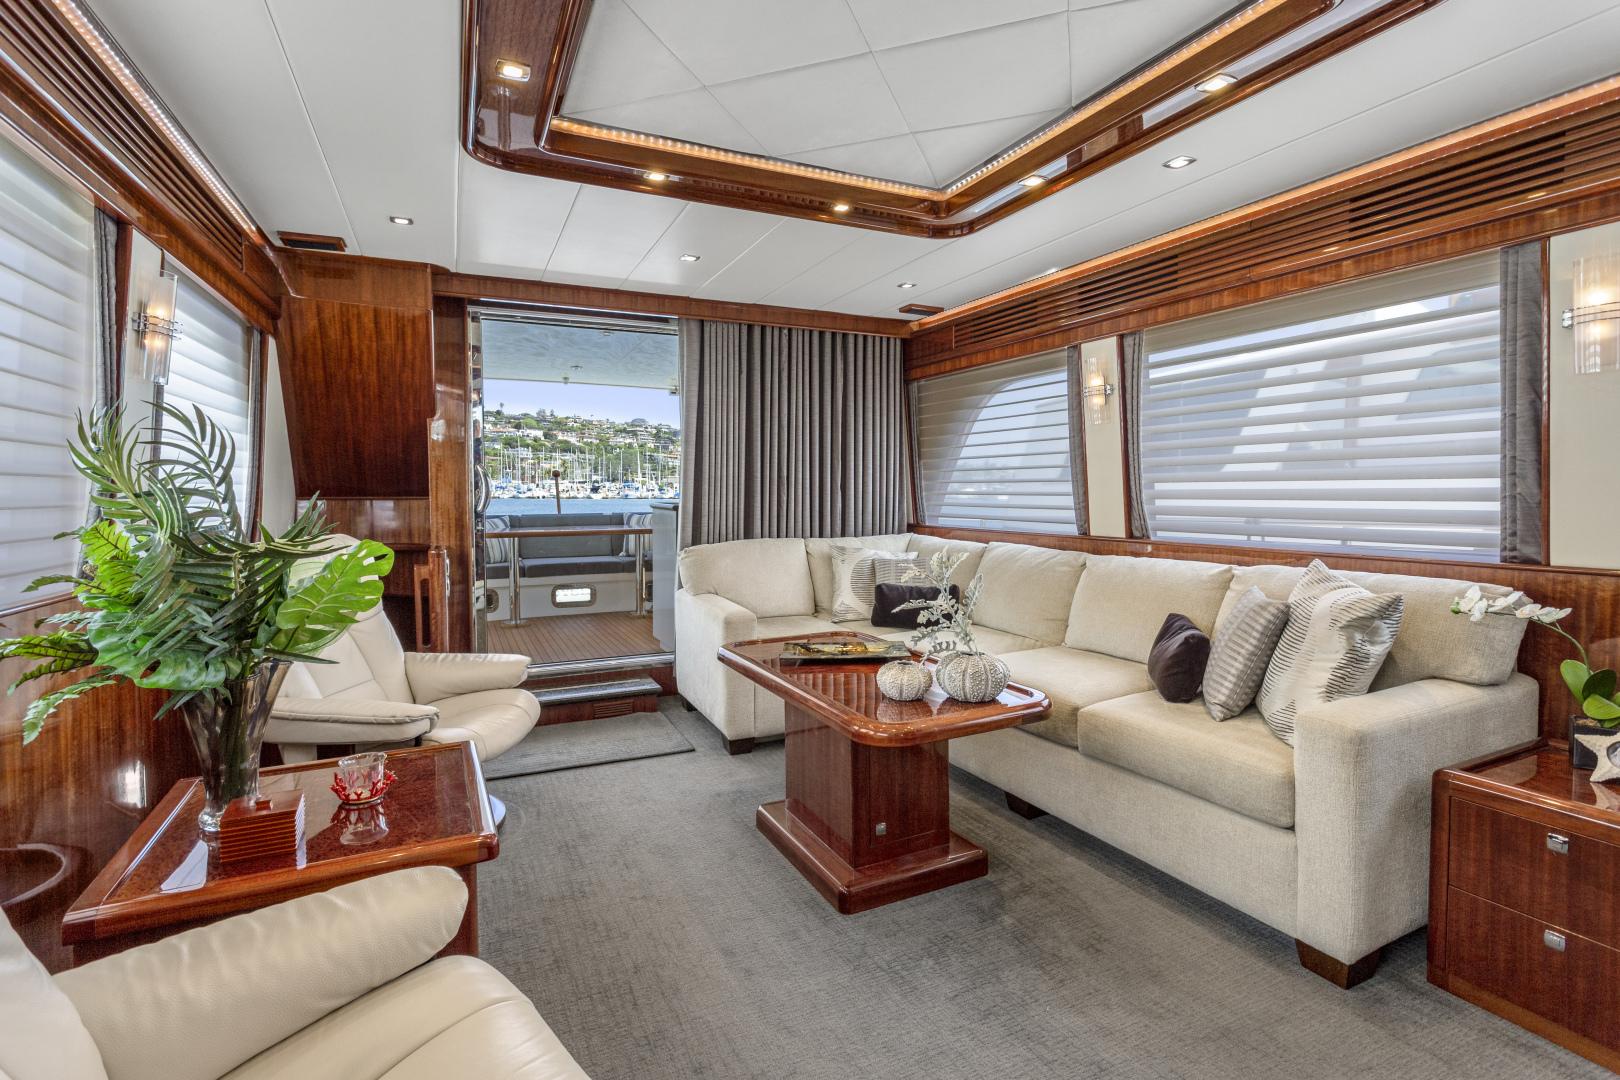 Hampton-76 Skylounge Motoryacht 2014-ODYSEA San Diego-California-United States-SALON-1165154 | Thumbnail